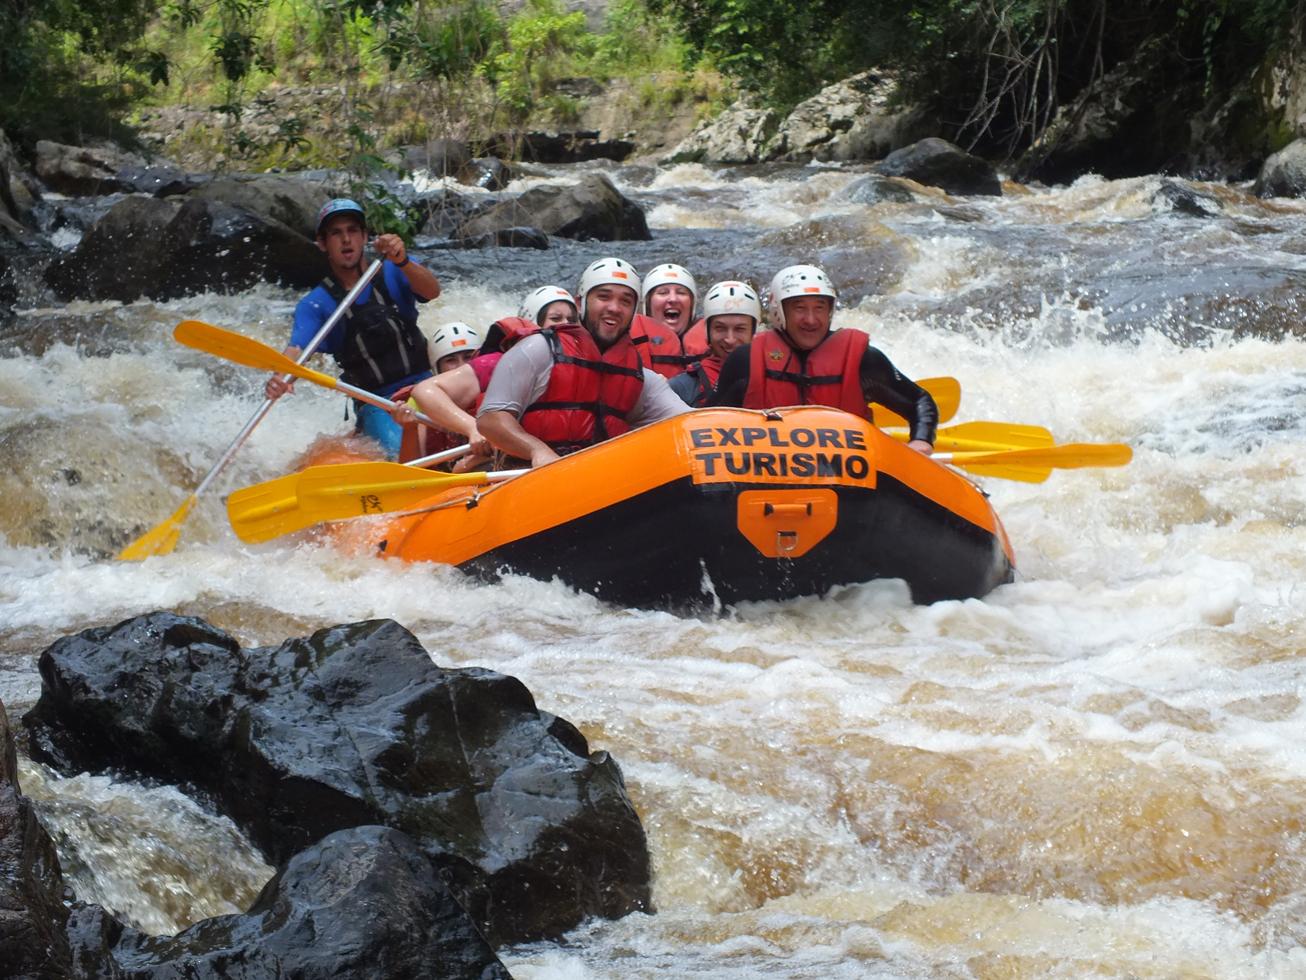 Imagem para a galeria do site da Explore Turismo de Aventura.